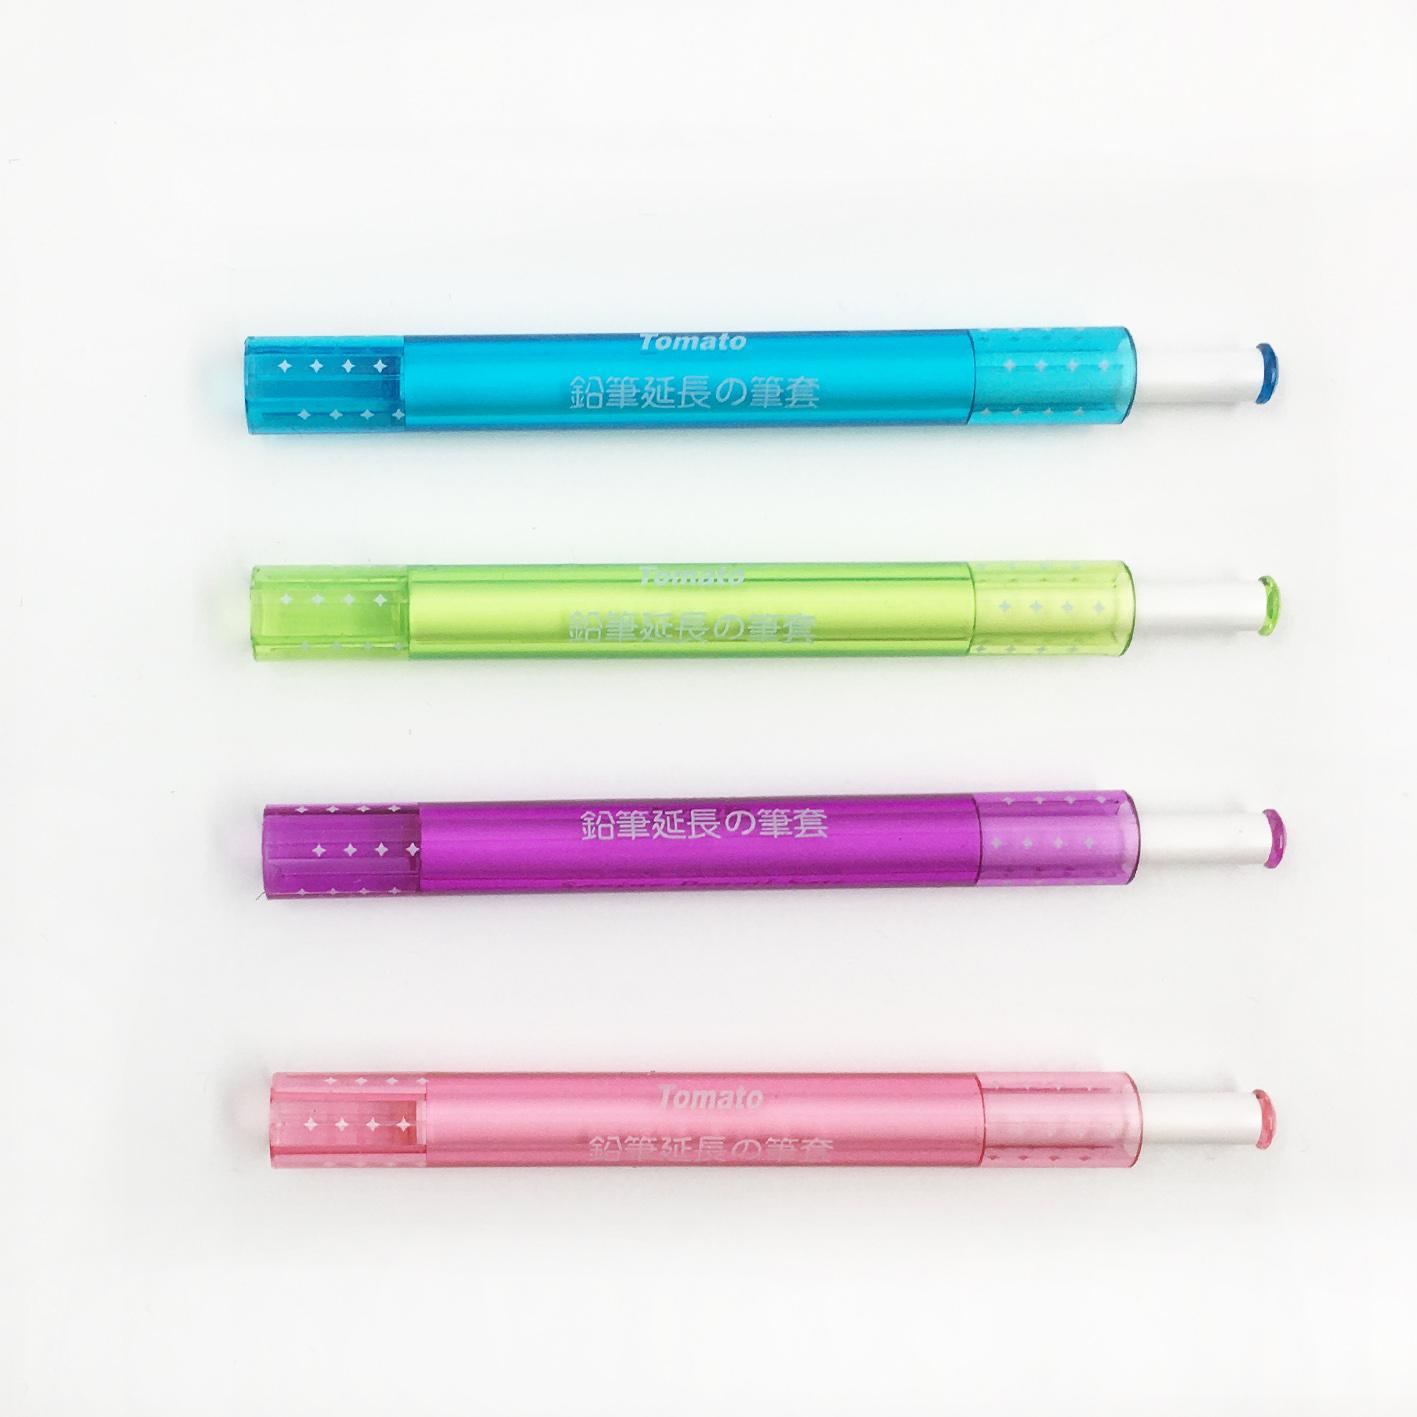 鉛筆延長的筆套